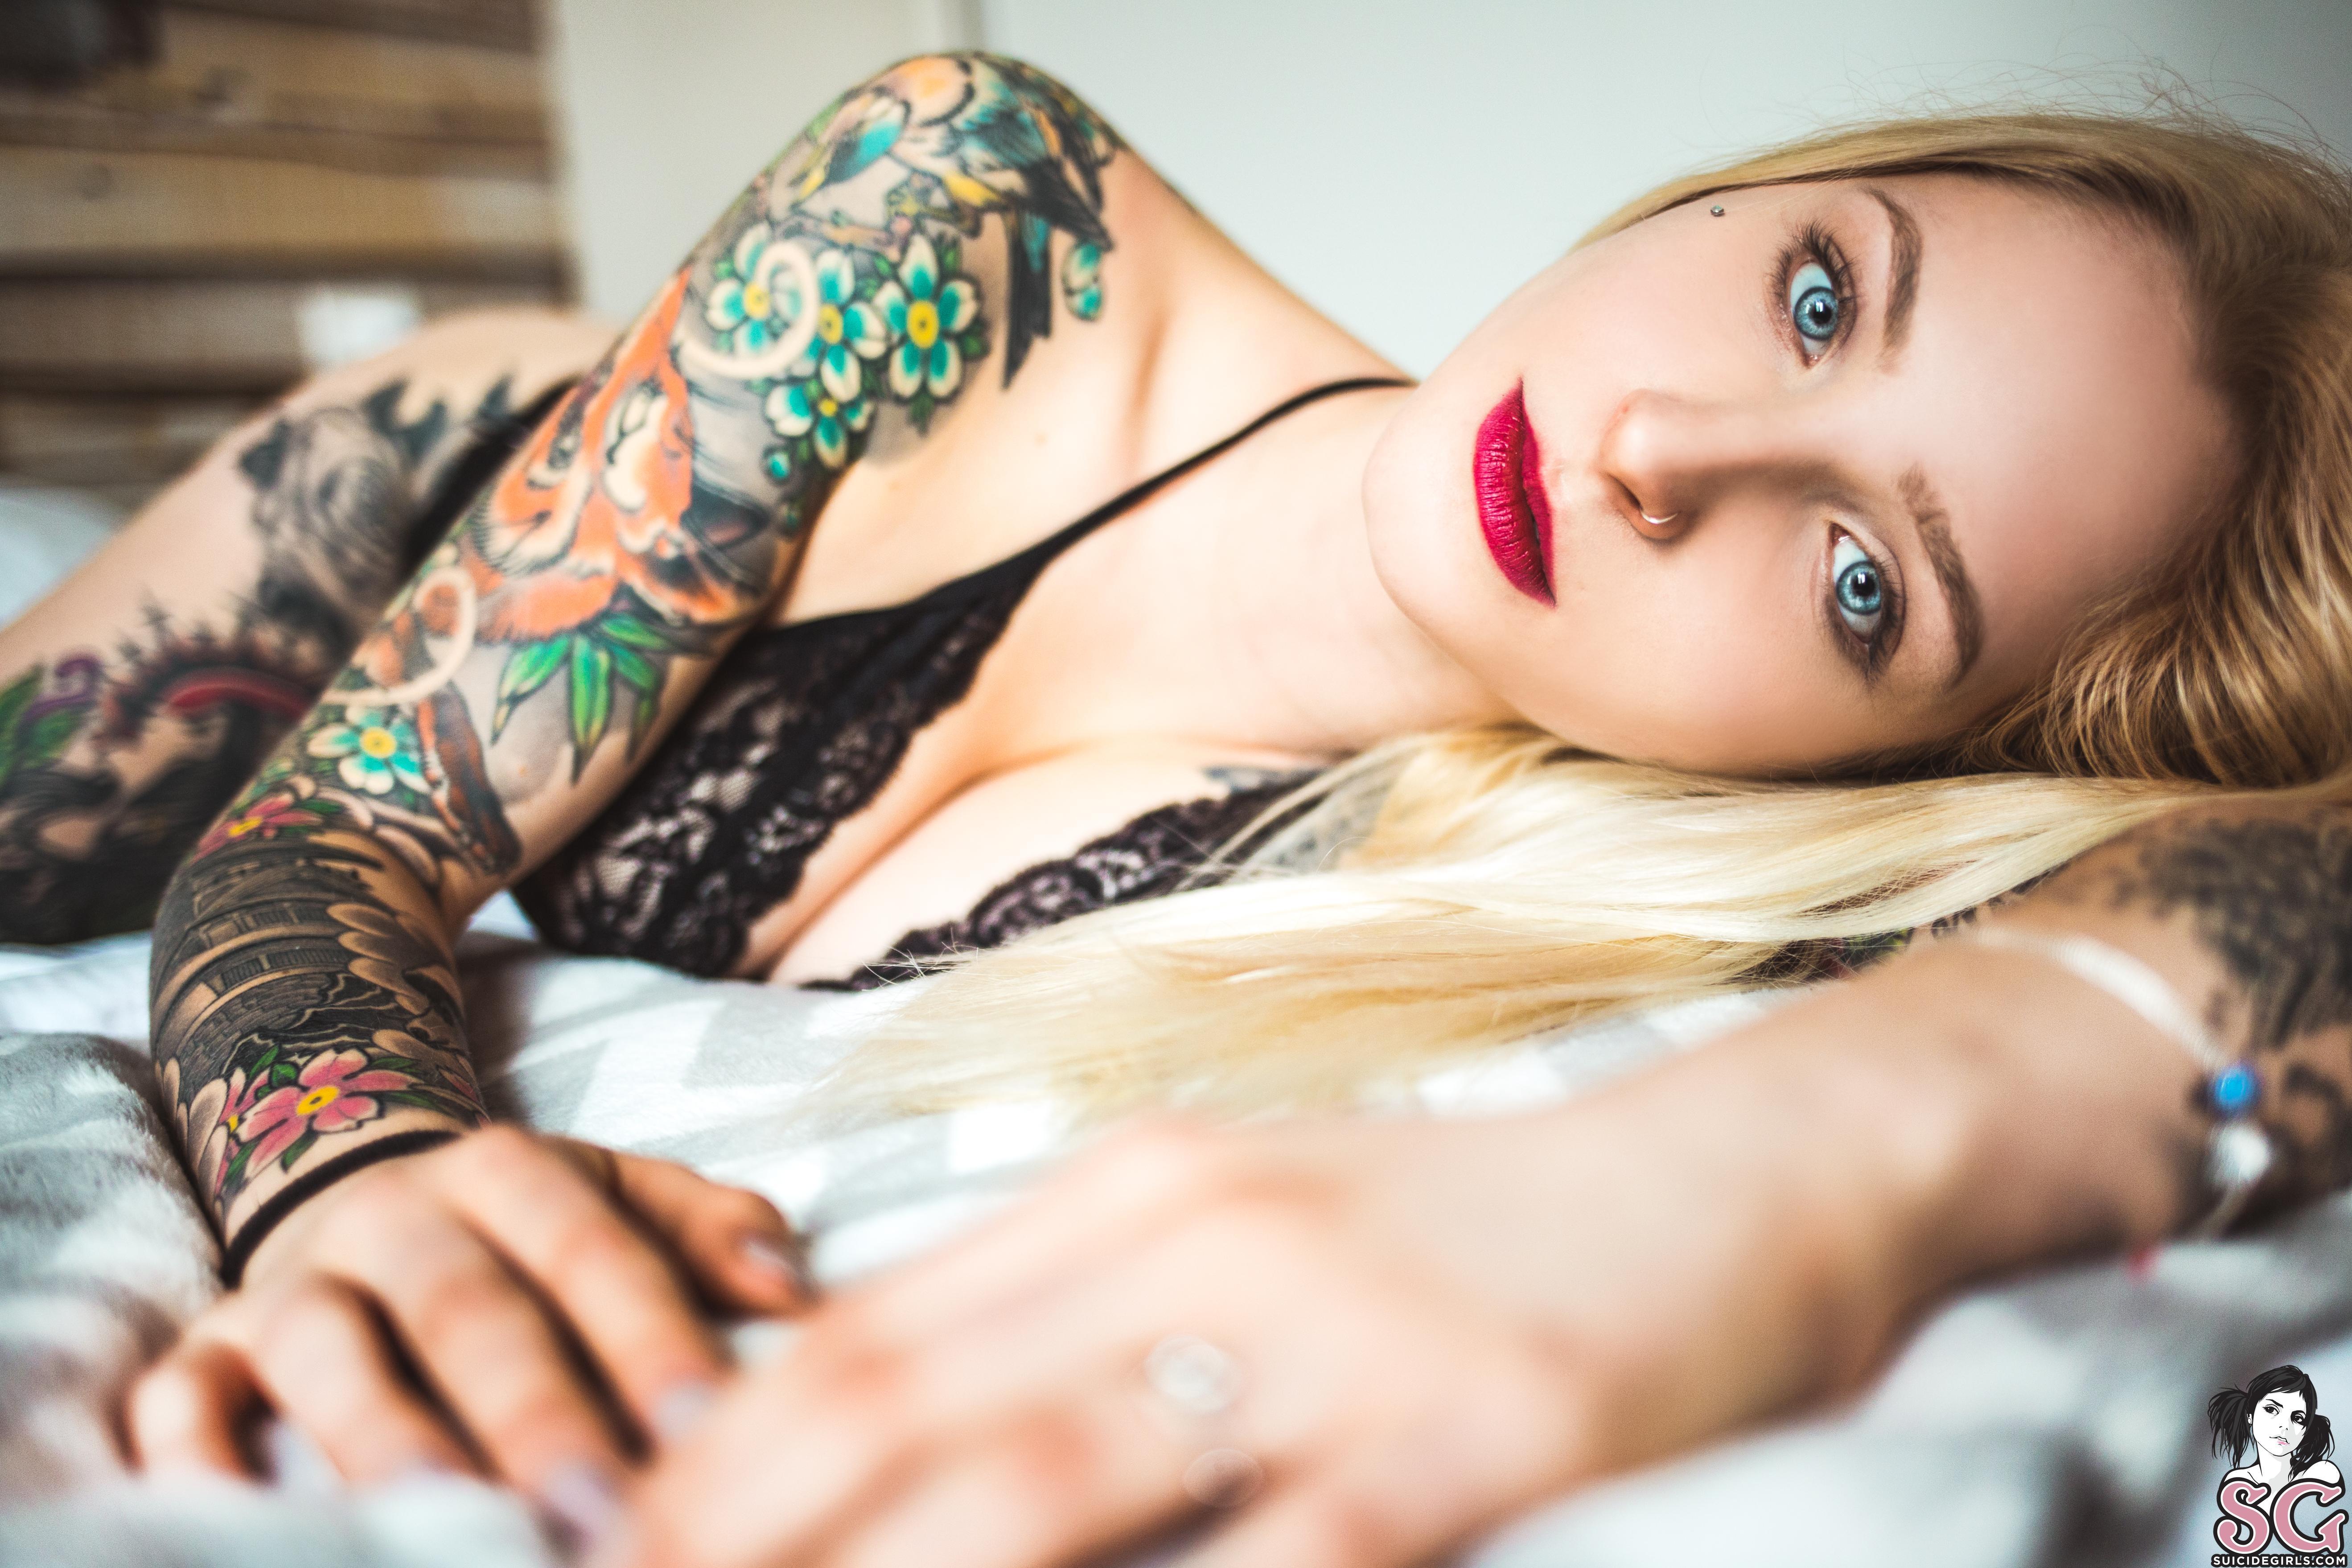 Suicidegirls Blackswan  Siterip  Imageset 5200px  Multimirror